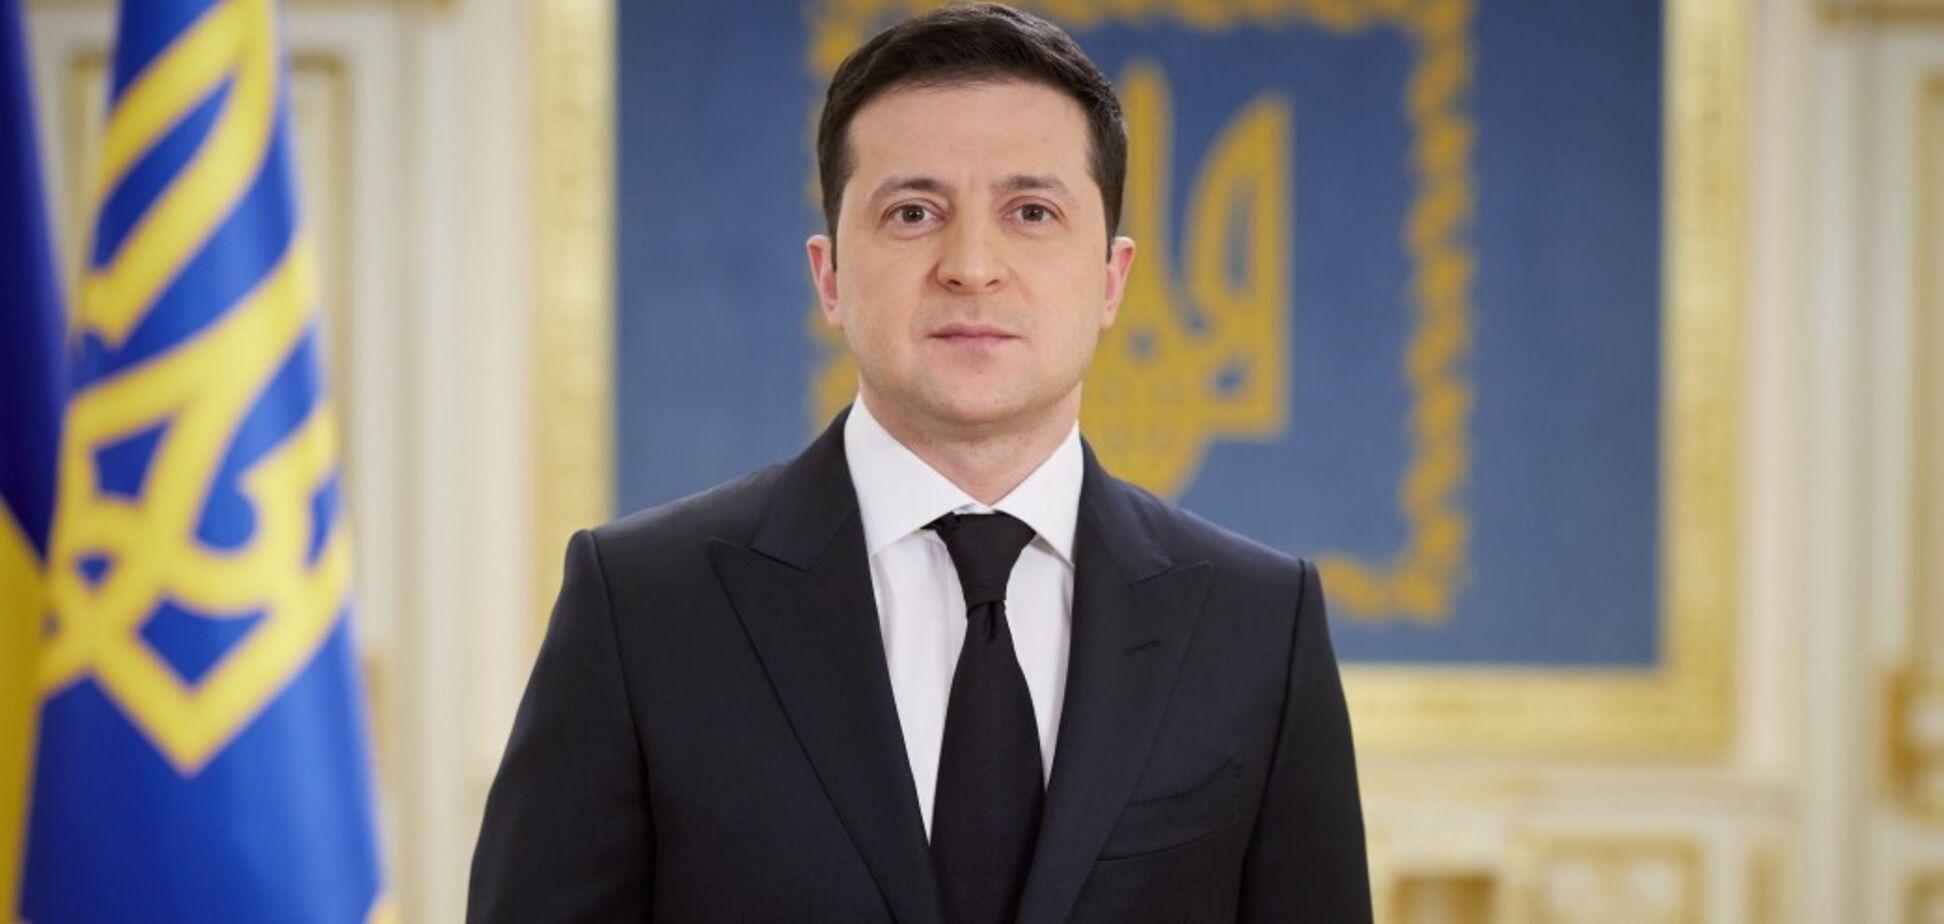 Зеленский в новом видеообращении – о решениях СНБО: Украина дает сдачи. Главные тезисы